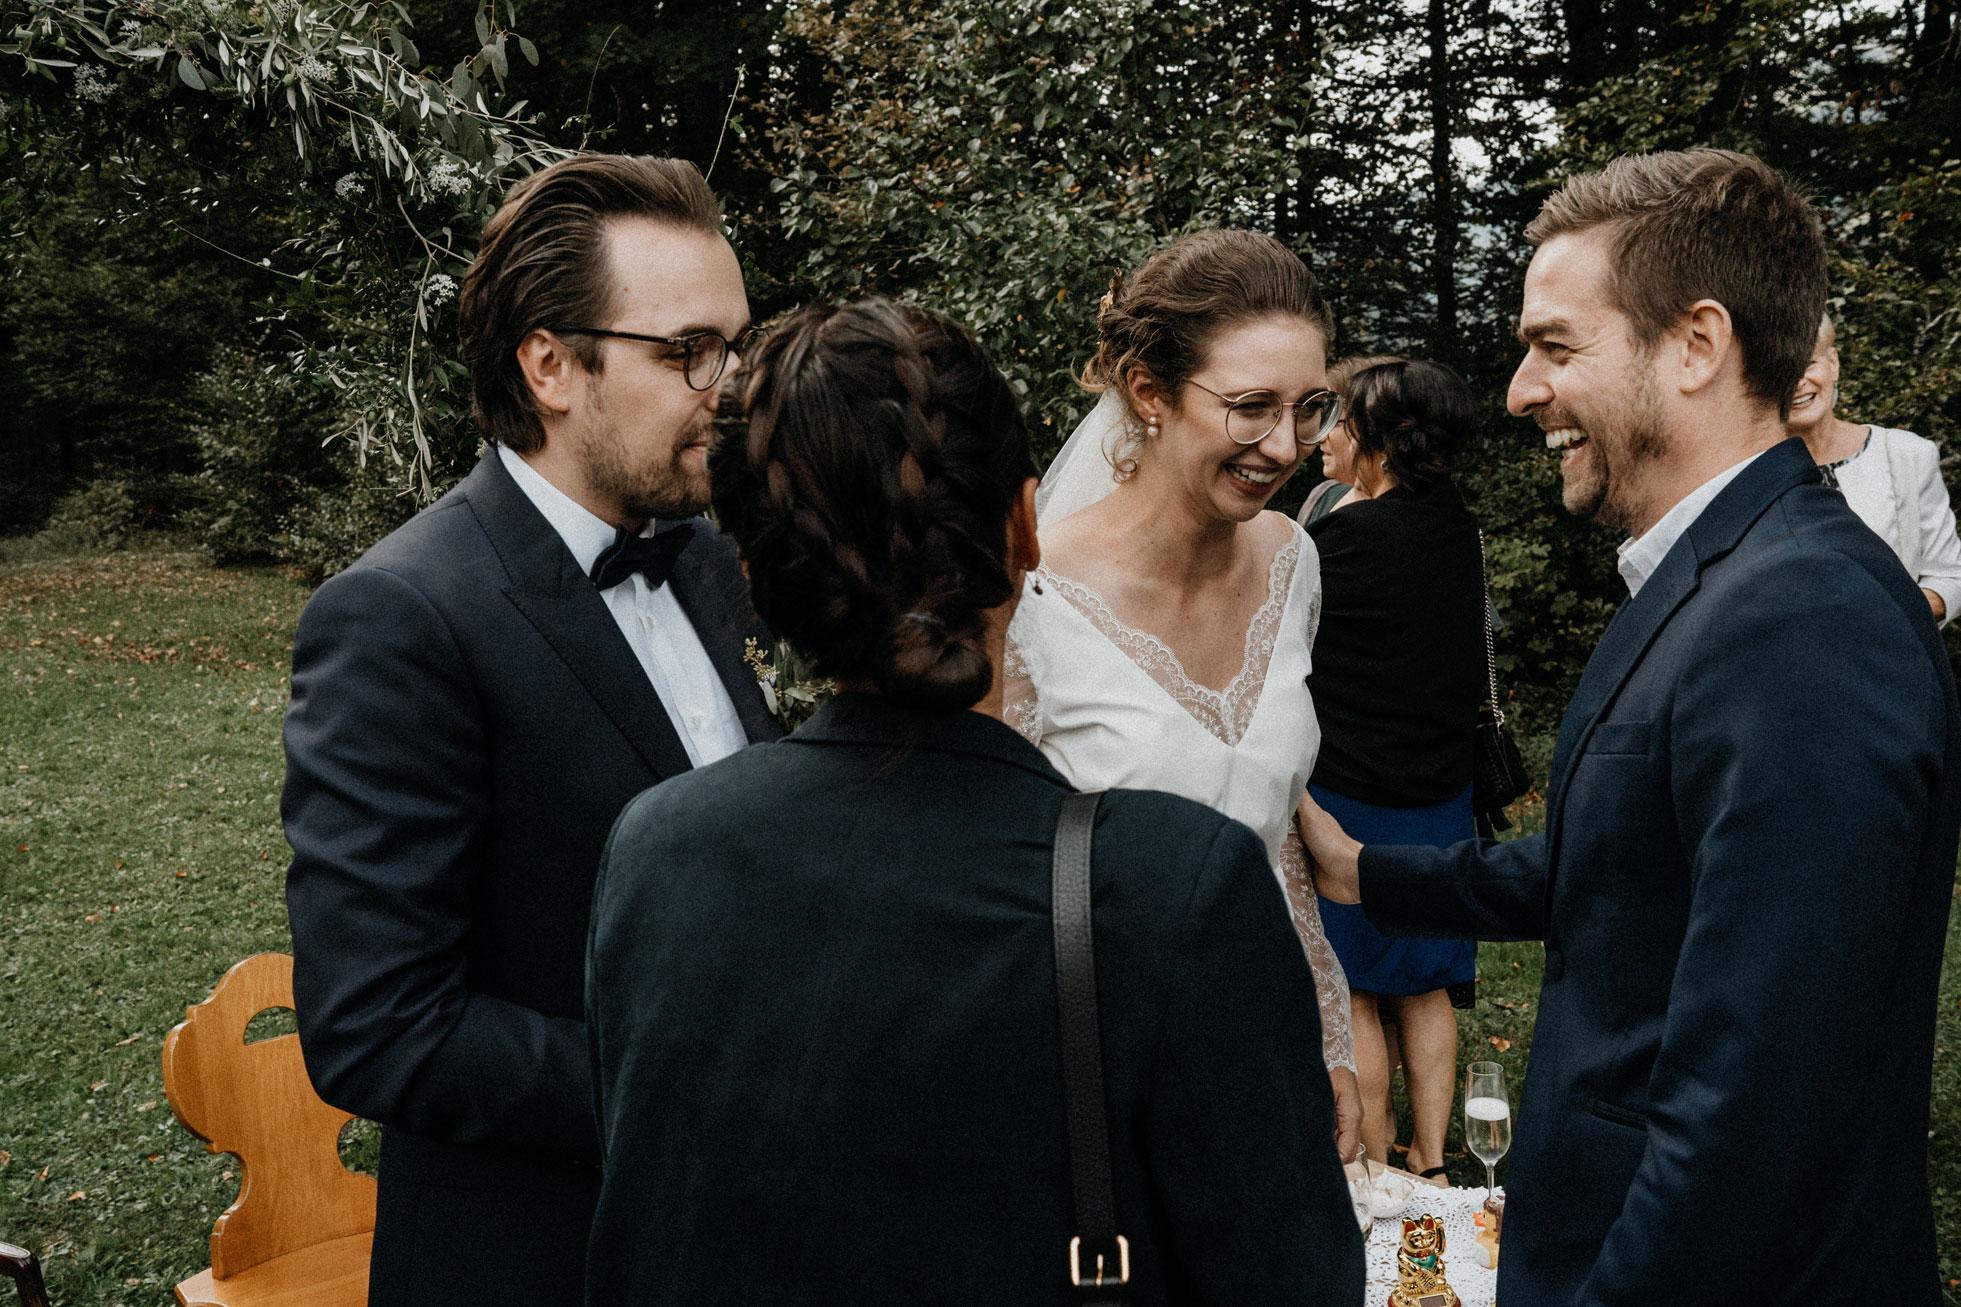 Hochzeit_Claire_Manuel_Villa_Maund_Daniel_Jenny-267.jpg